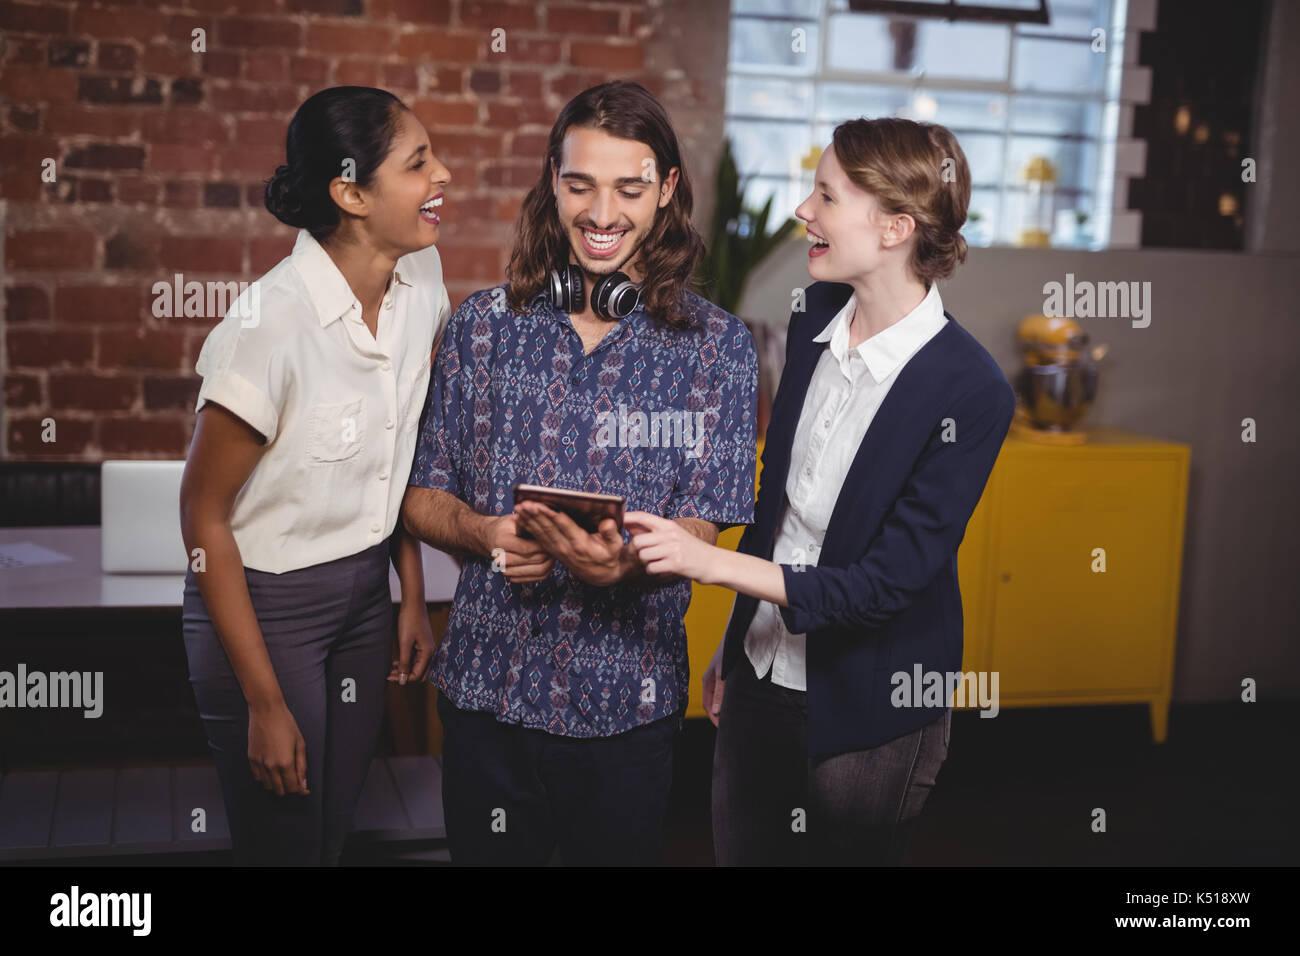 Fröhlicher junger Freunde stehend mit digitalen Tablet im Coffee Shop Stockbild